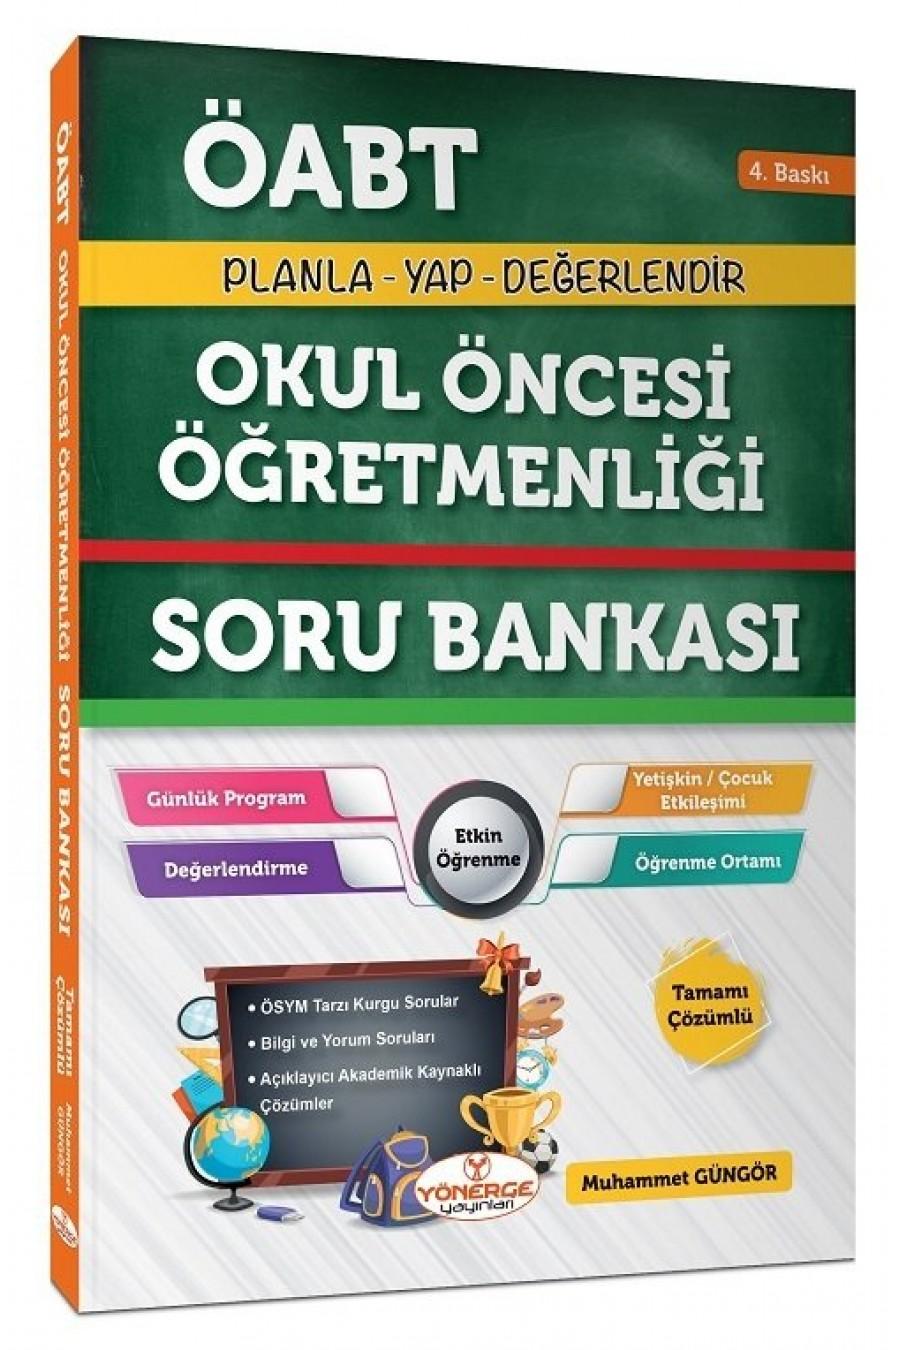 2021 ÖABT Okul Öncesi Öğretmenliği Soru Bankası Çözümlü - Muhammet Güngör Yönerge Yayınları